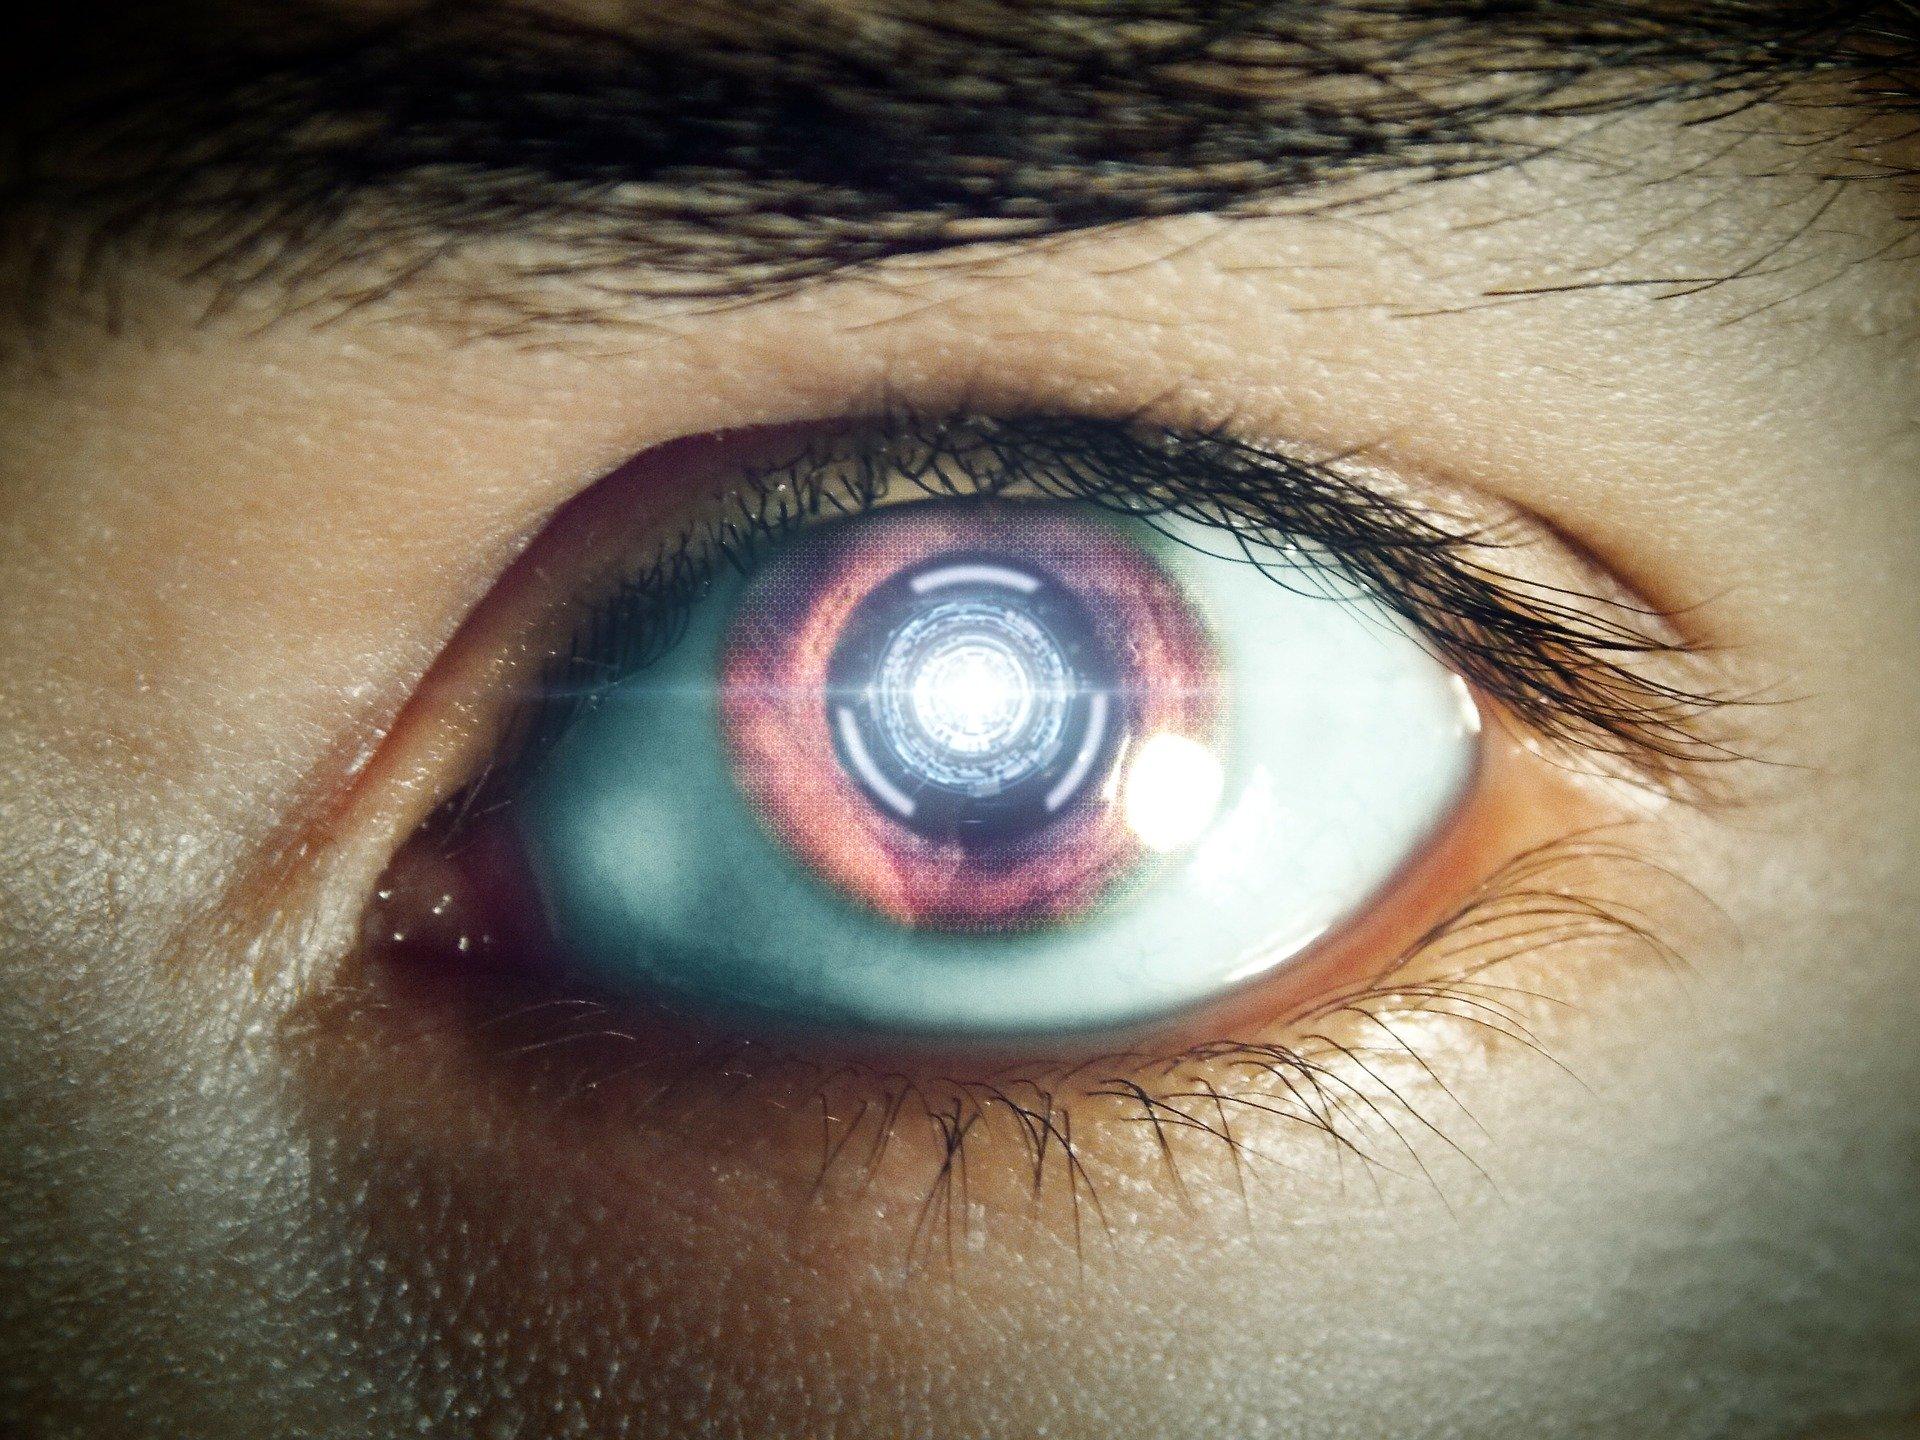 Progetto avatar, microchip, trasferimento di mente: il futuro è digitale?